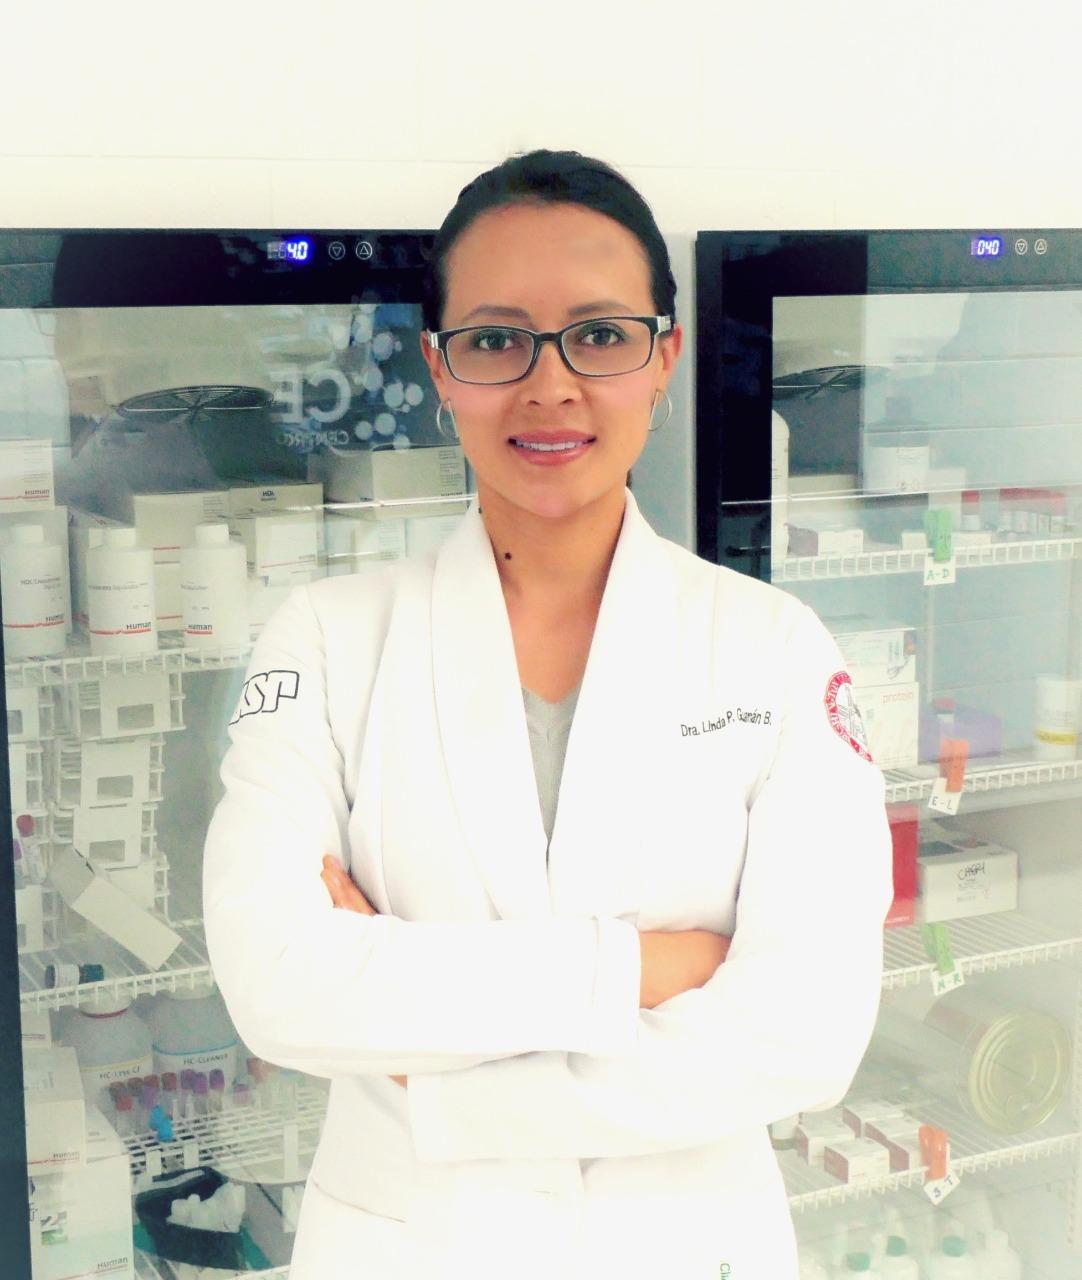 Microbiología e ingeniería. Los microorganismos, según la científica, son grandes fábricas biológicas. Foto: Linda Guamán.